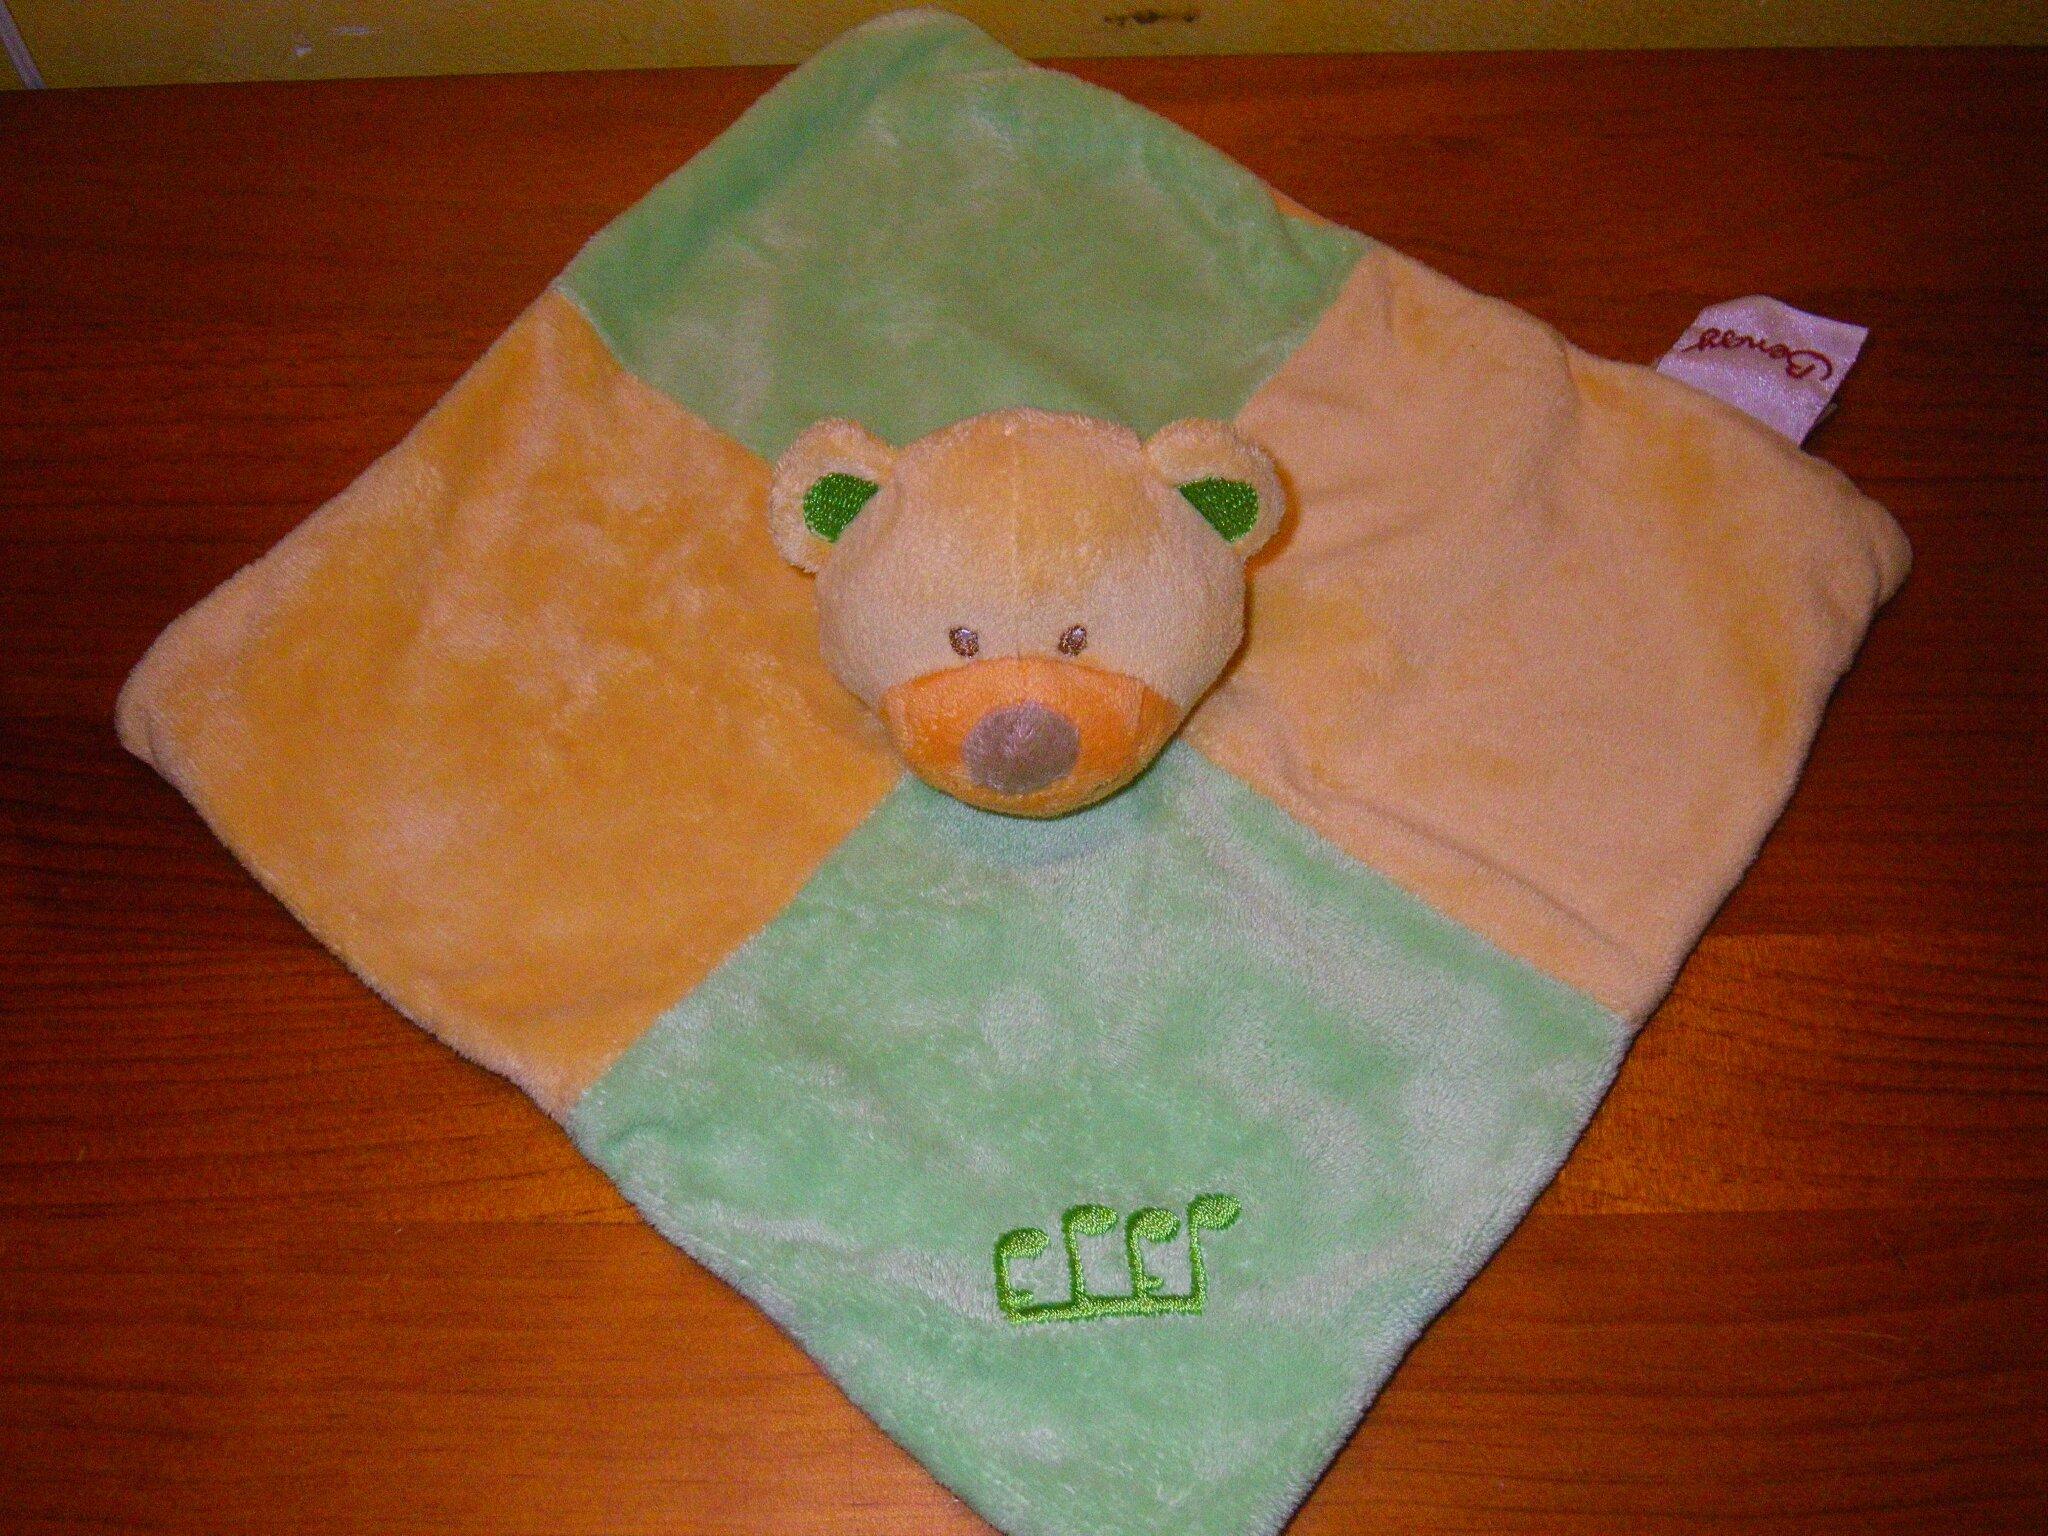 ours marque Bengy, doudou plat vert et jaune